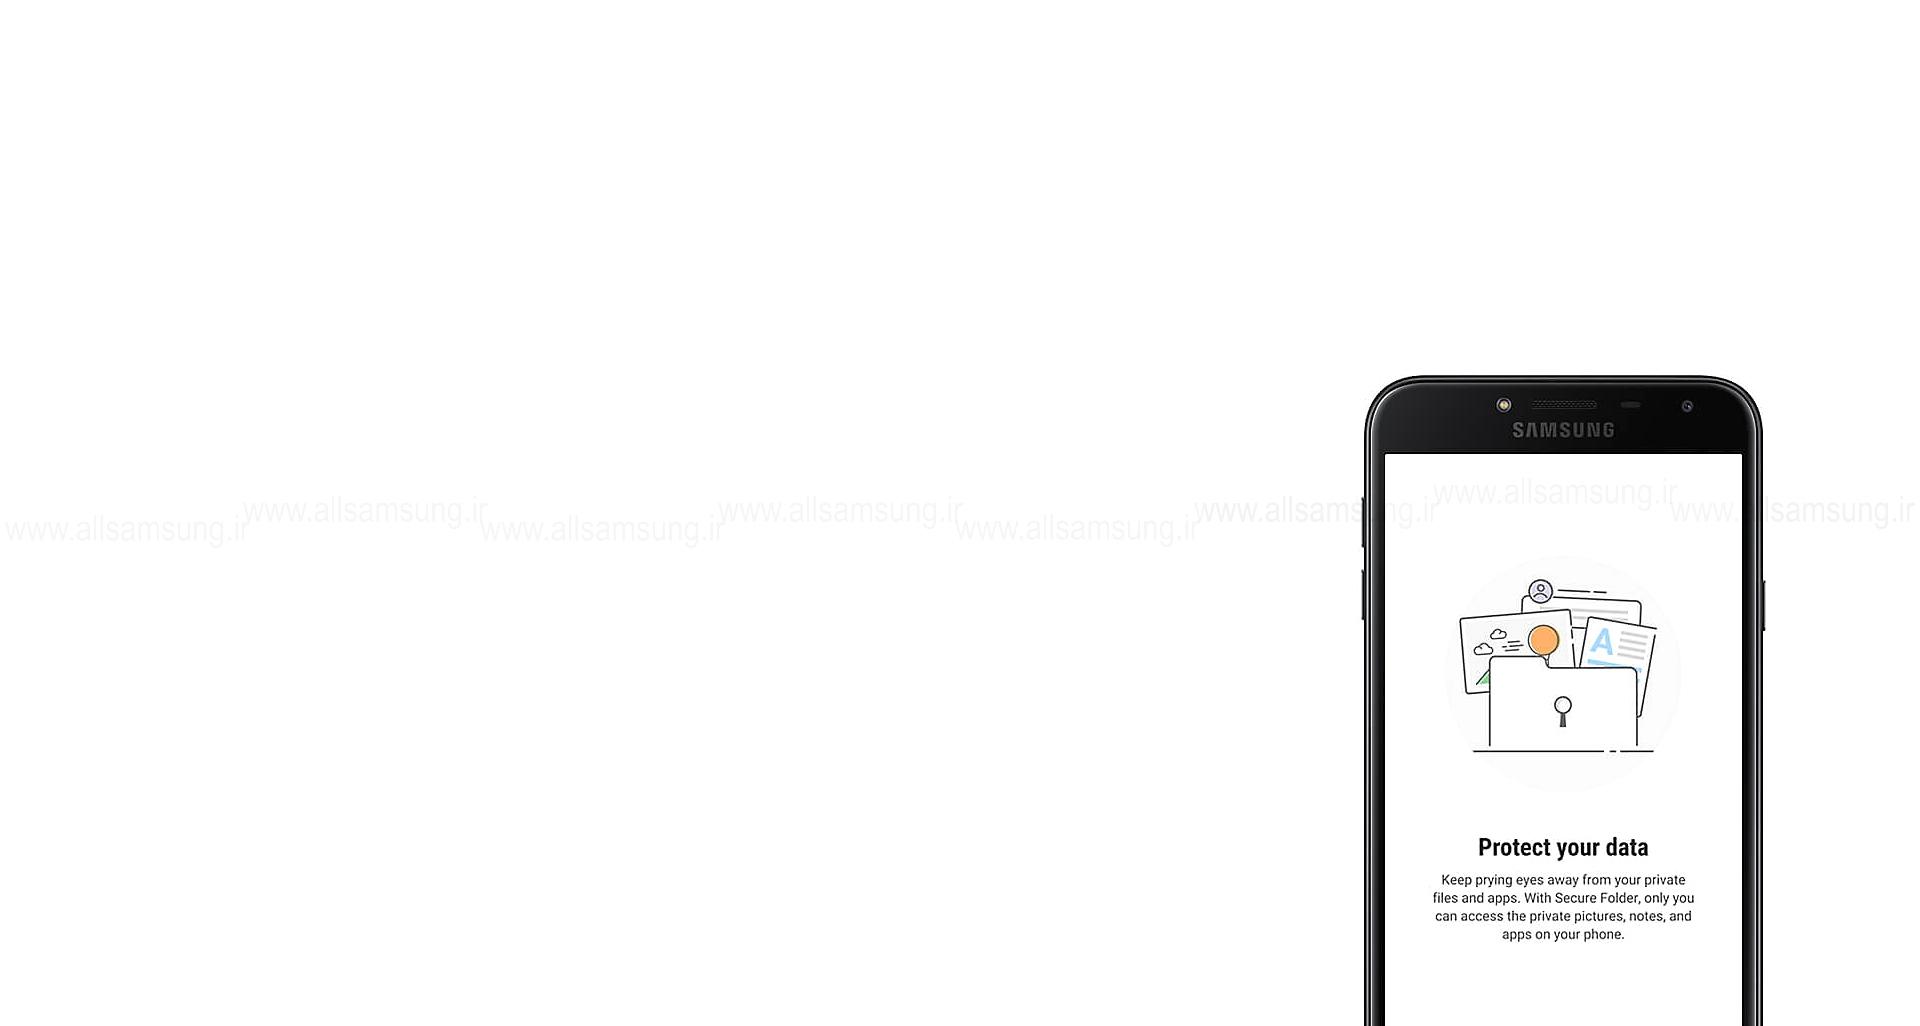 فضایی خصوصی برای فایل های محرمانه شما در گوشی سامسونگ گلکسی جی 4